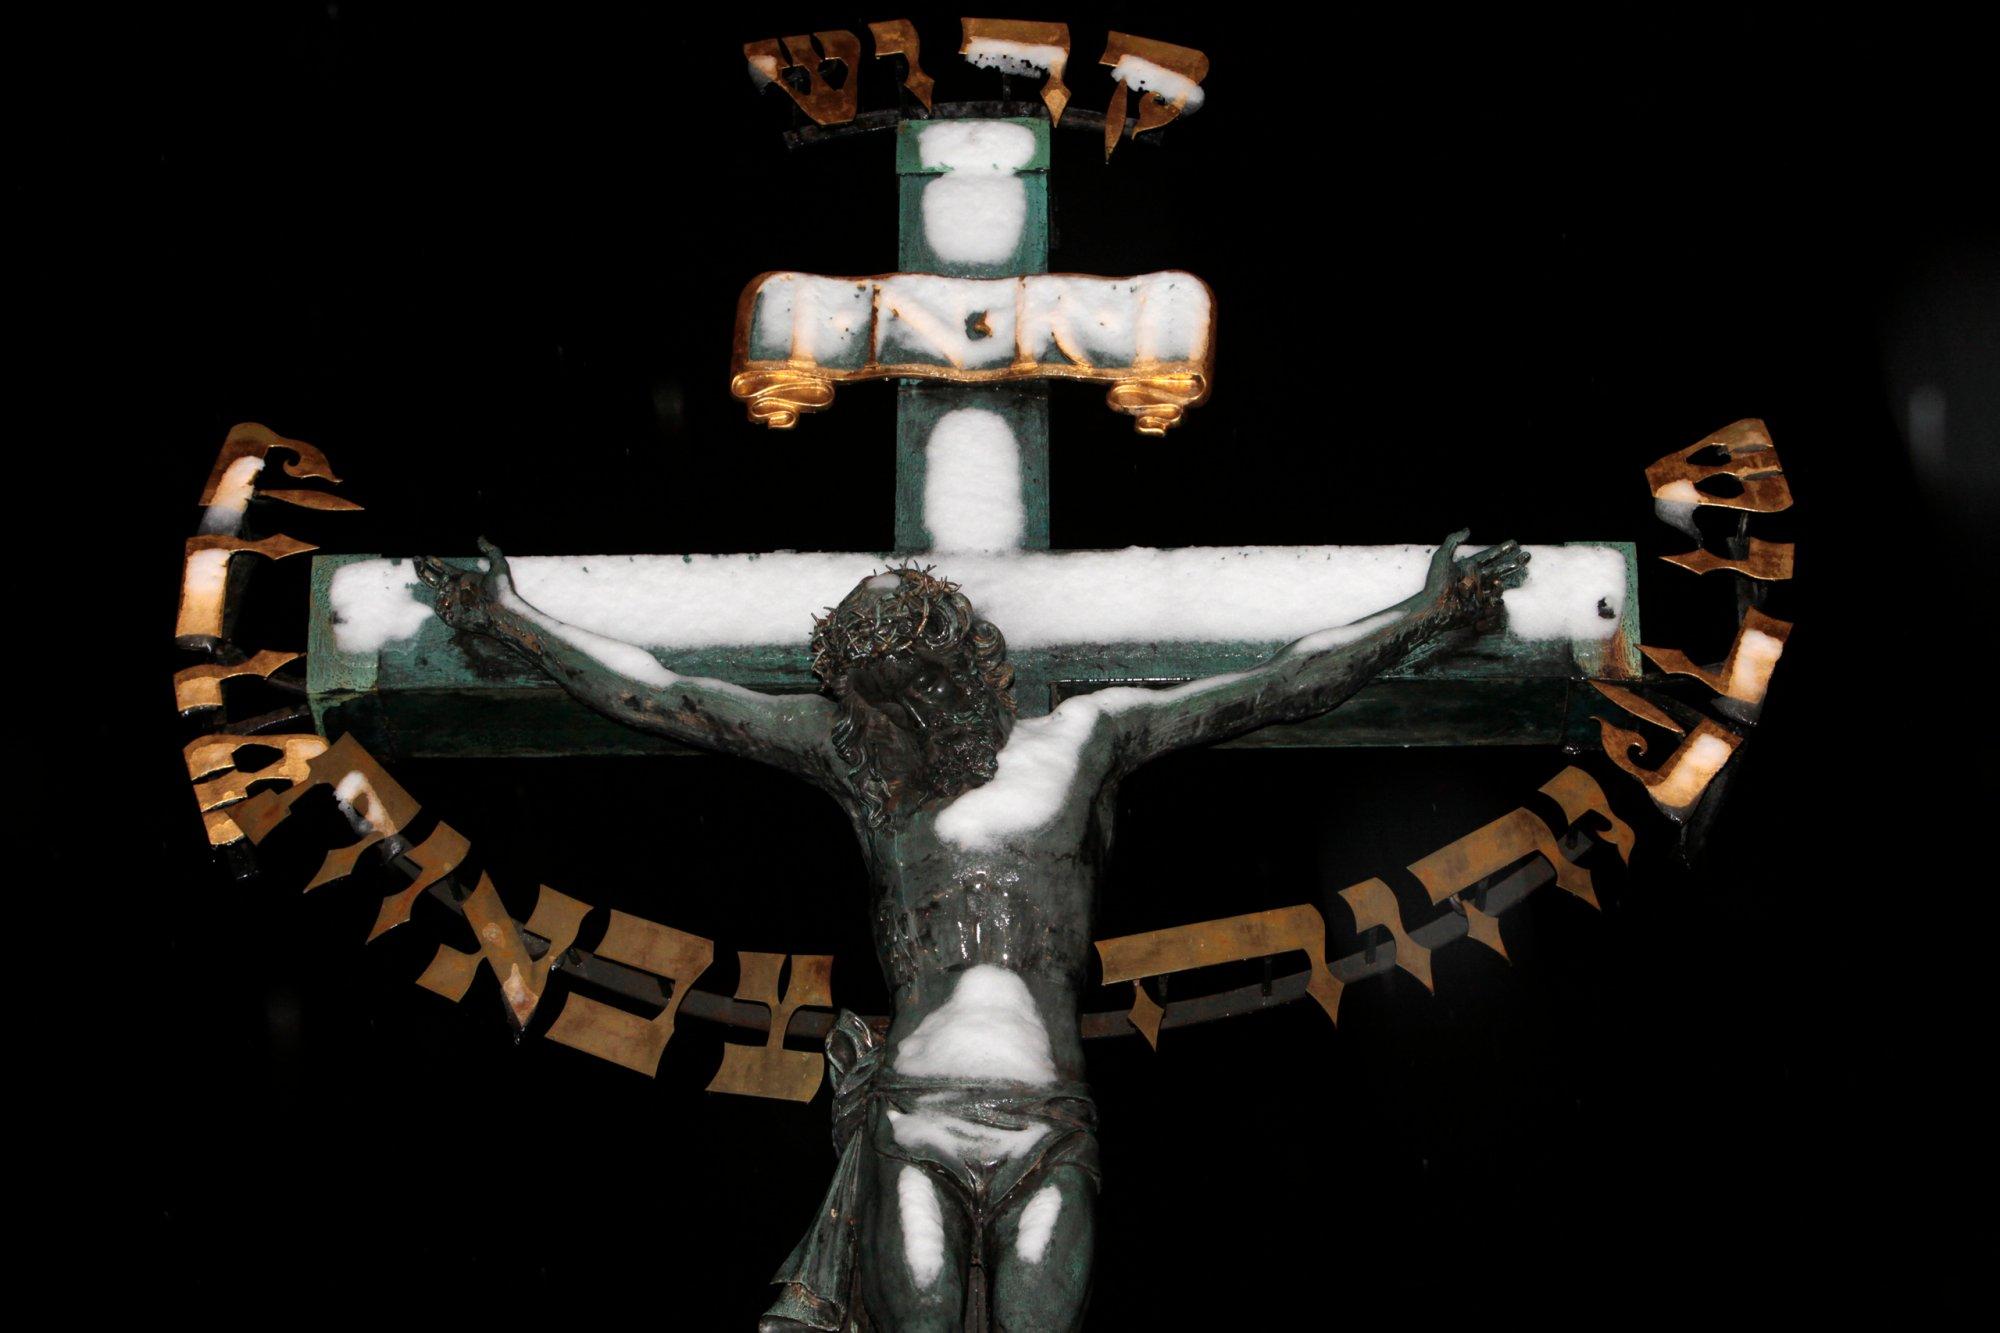 Говорят, что в смерти Иисуса Христа виновны евреи, а так ли это?